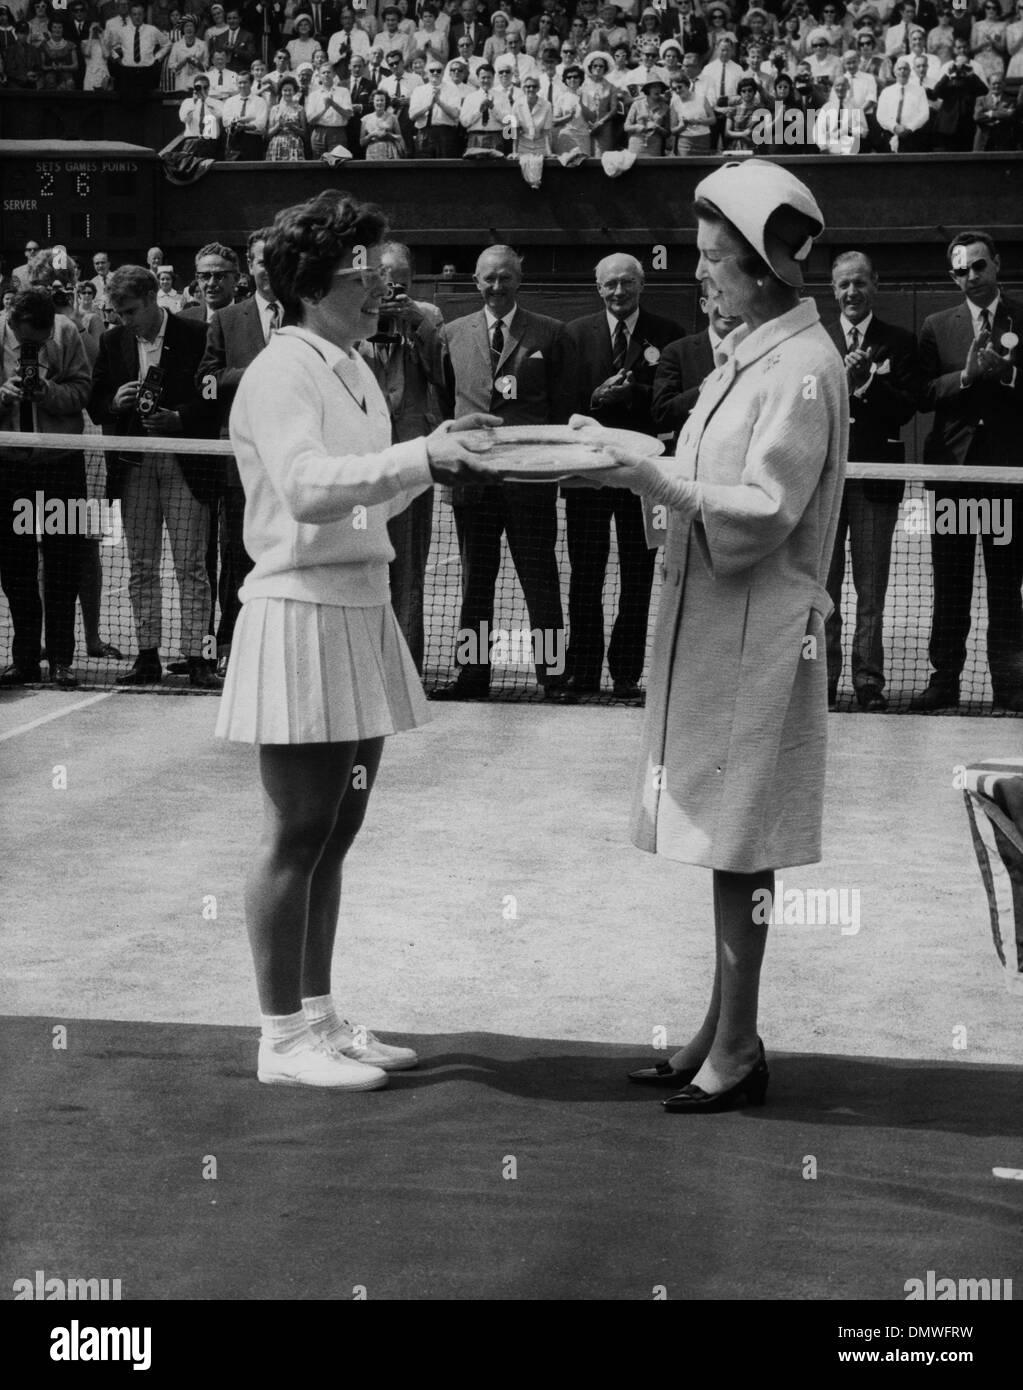 July 2 1966 London England U K PRINCESS MARINA Duchess of